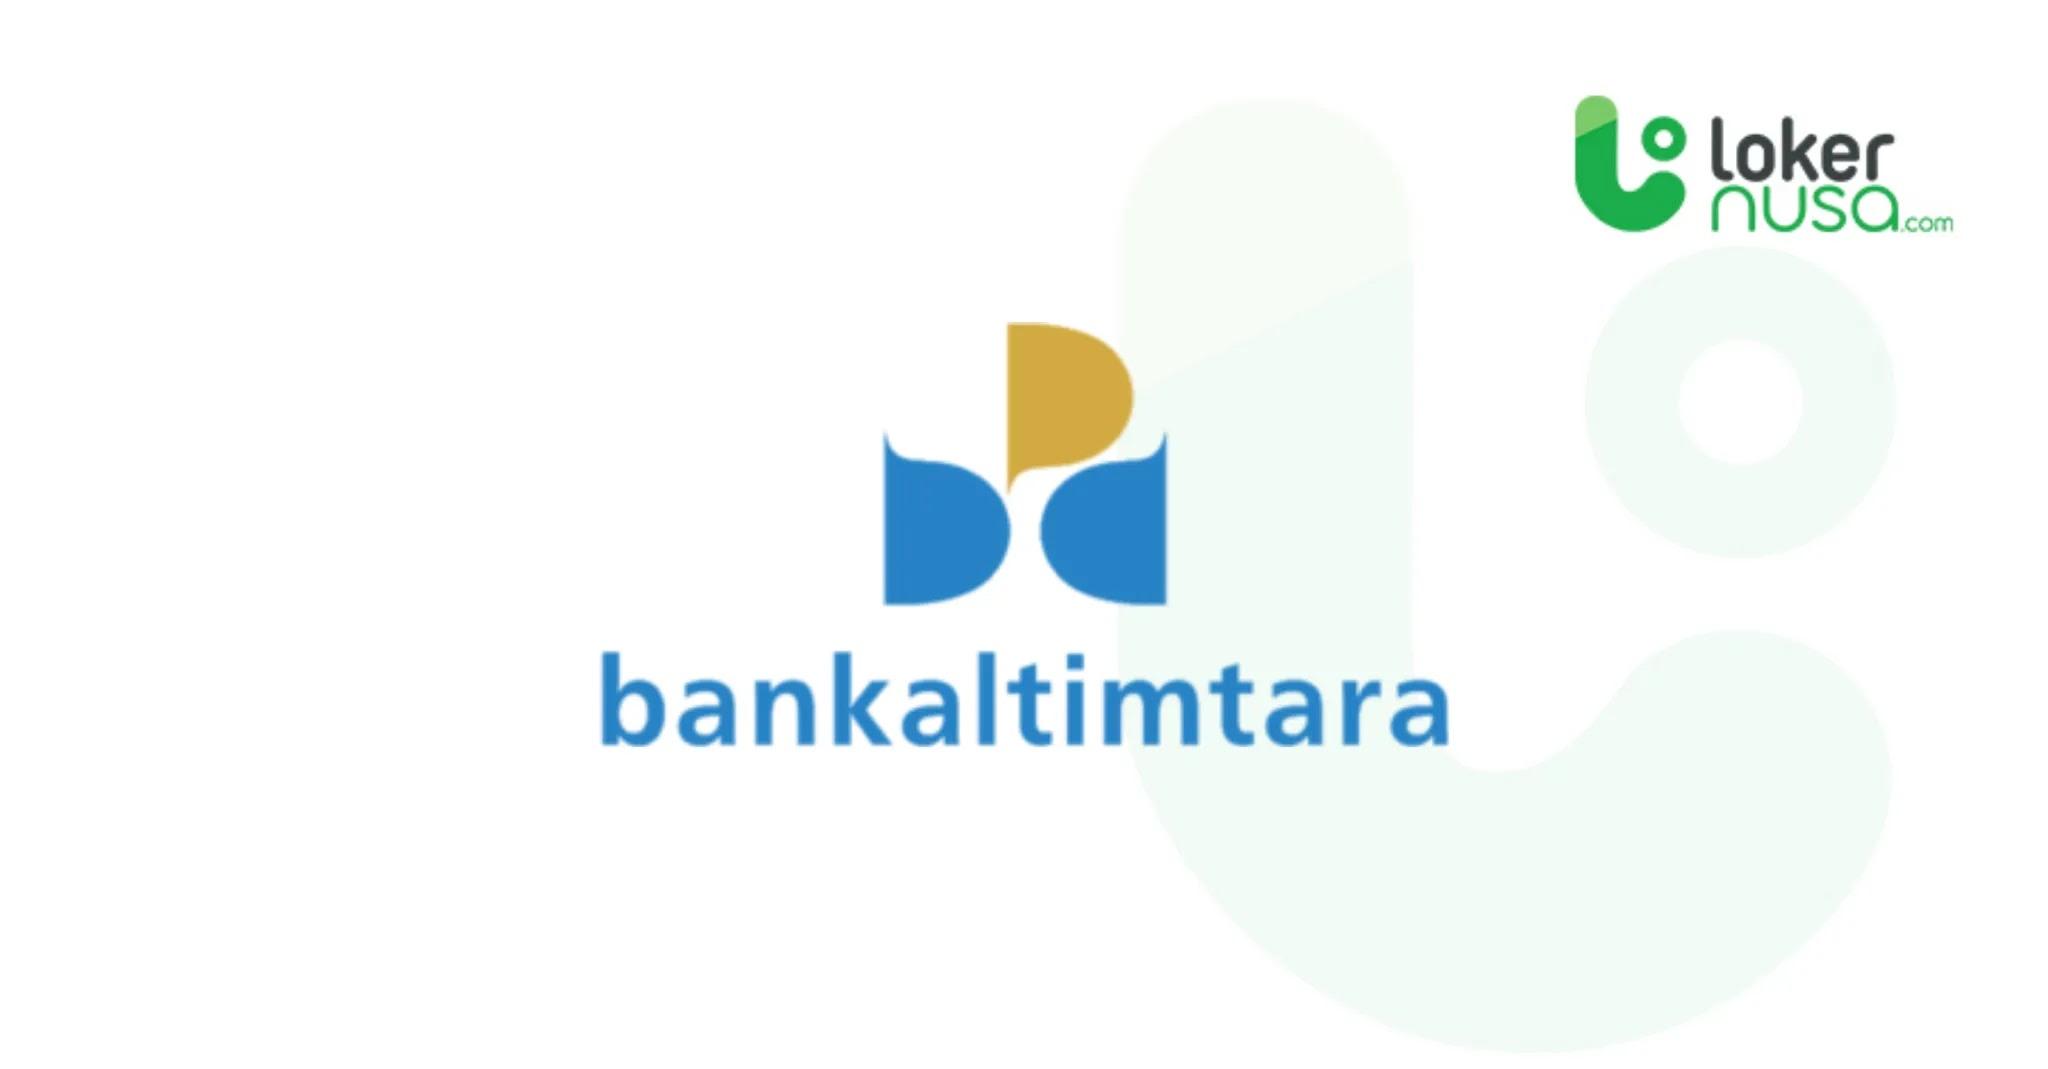 Lowongan Kerja Kalimantan Bank Kaltimtara